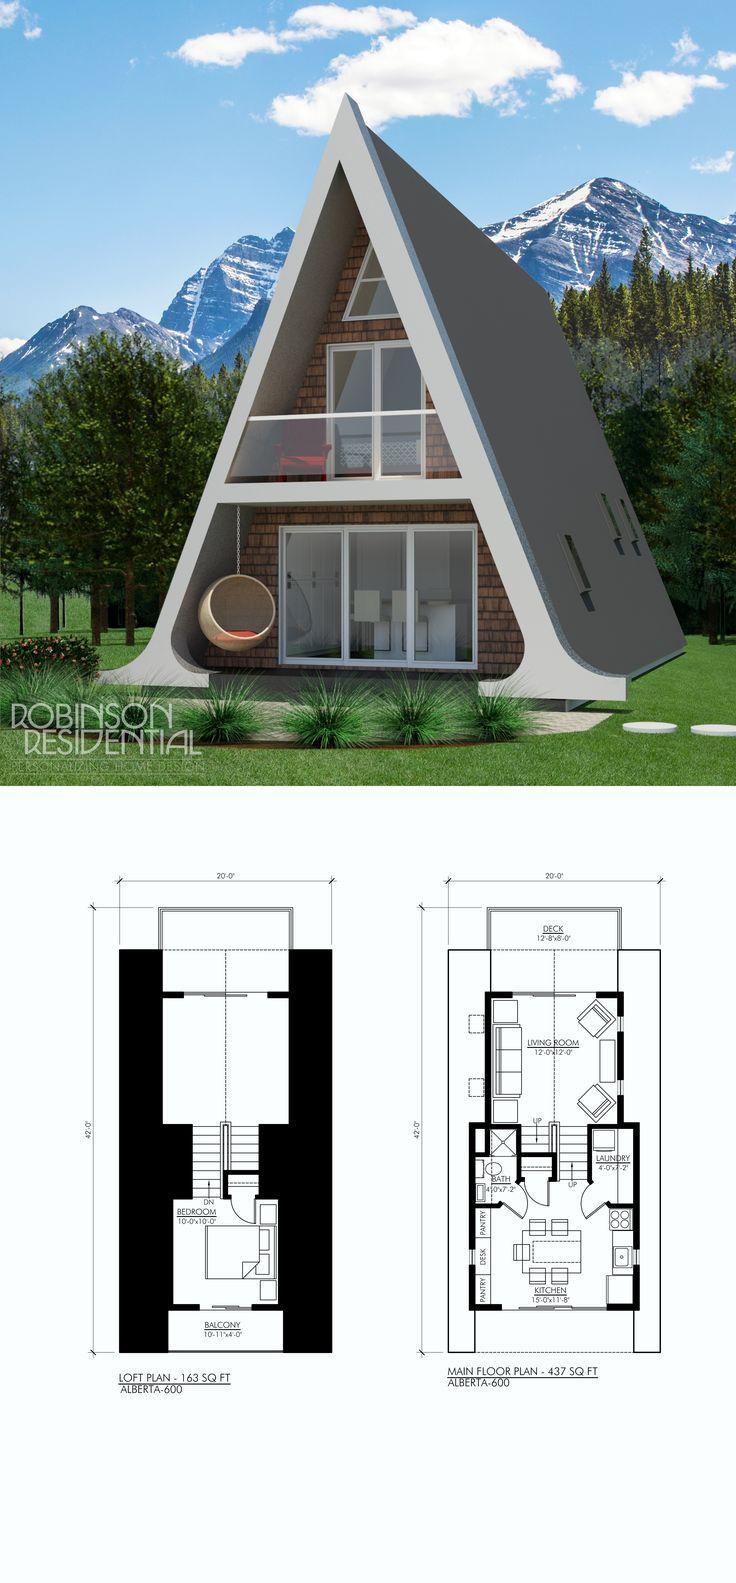 600 sq. ft., 1 bedroom, 1 bath